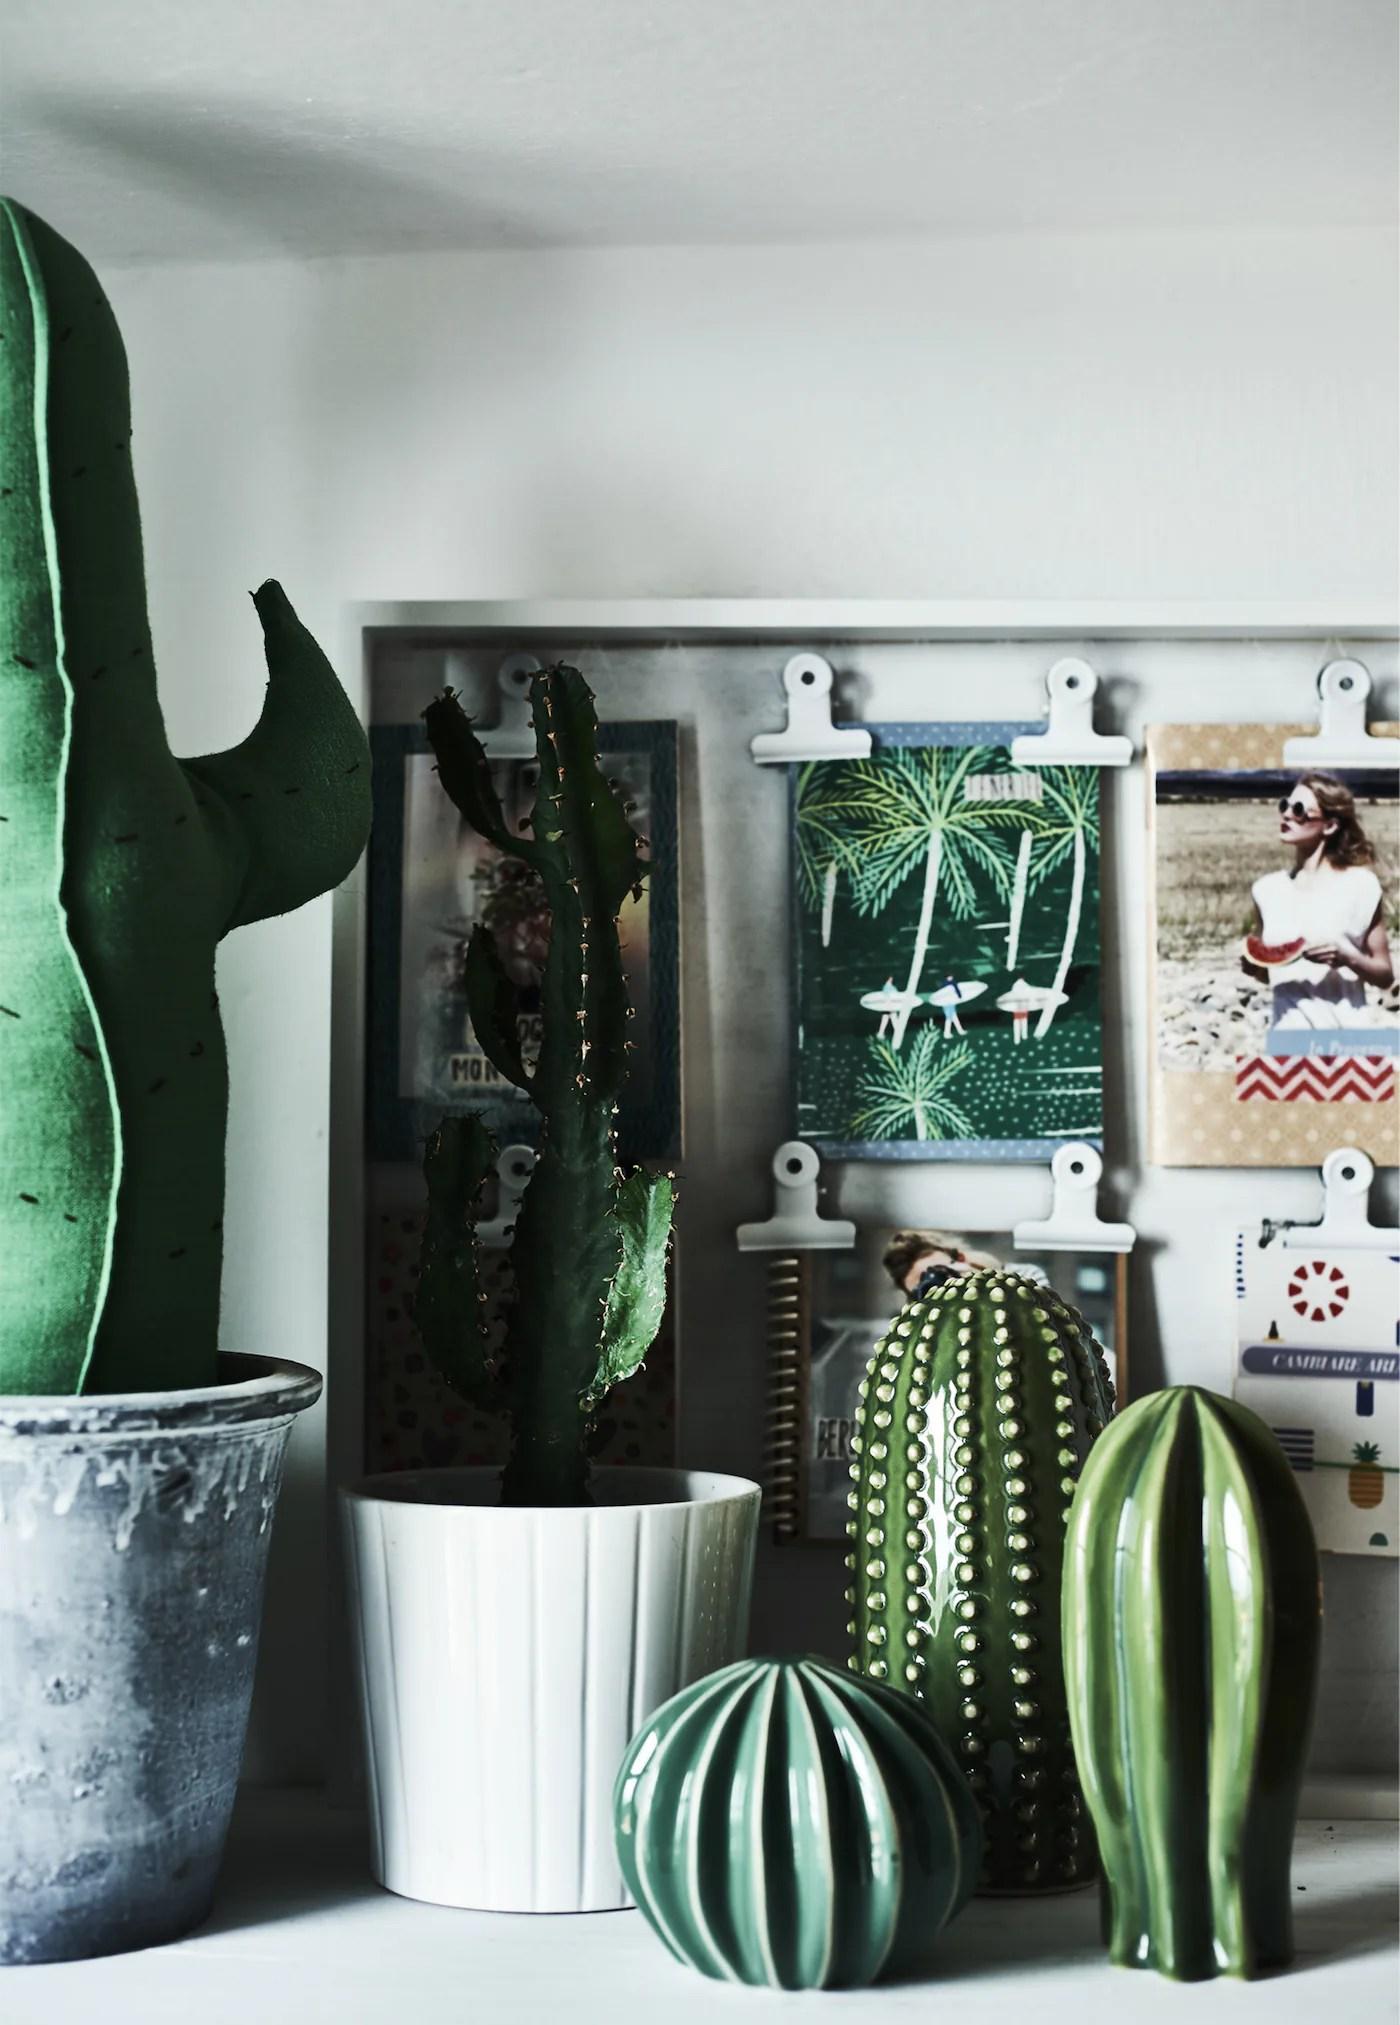 Einzeilige Küche Ikea | Küchen Angebote - Anbieter ...